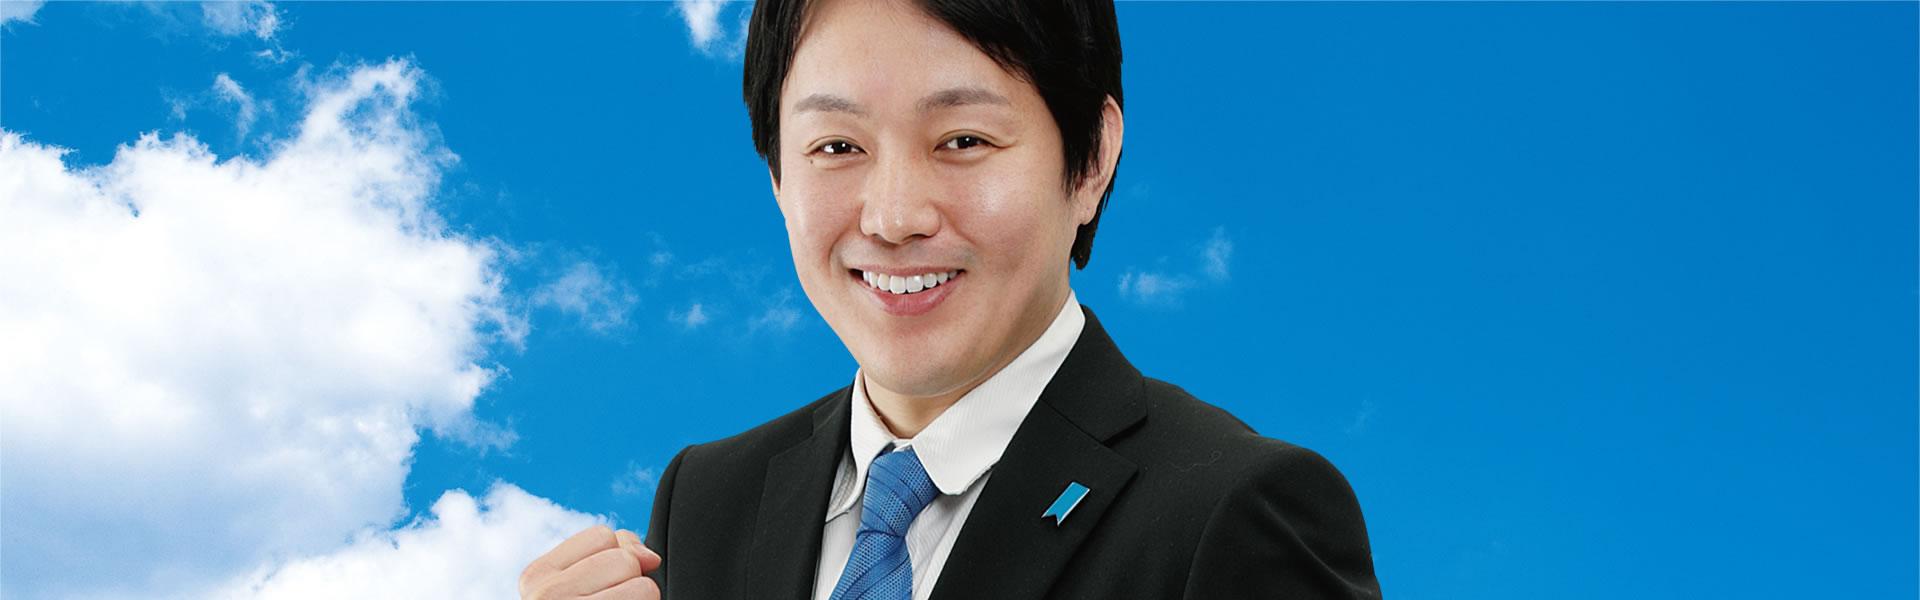 自由民主党 新潟県議会議員 河原井 拓也(かわらい たくや) 公式サイト